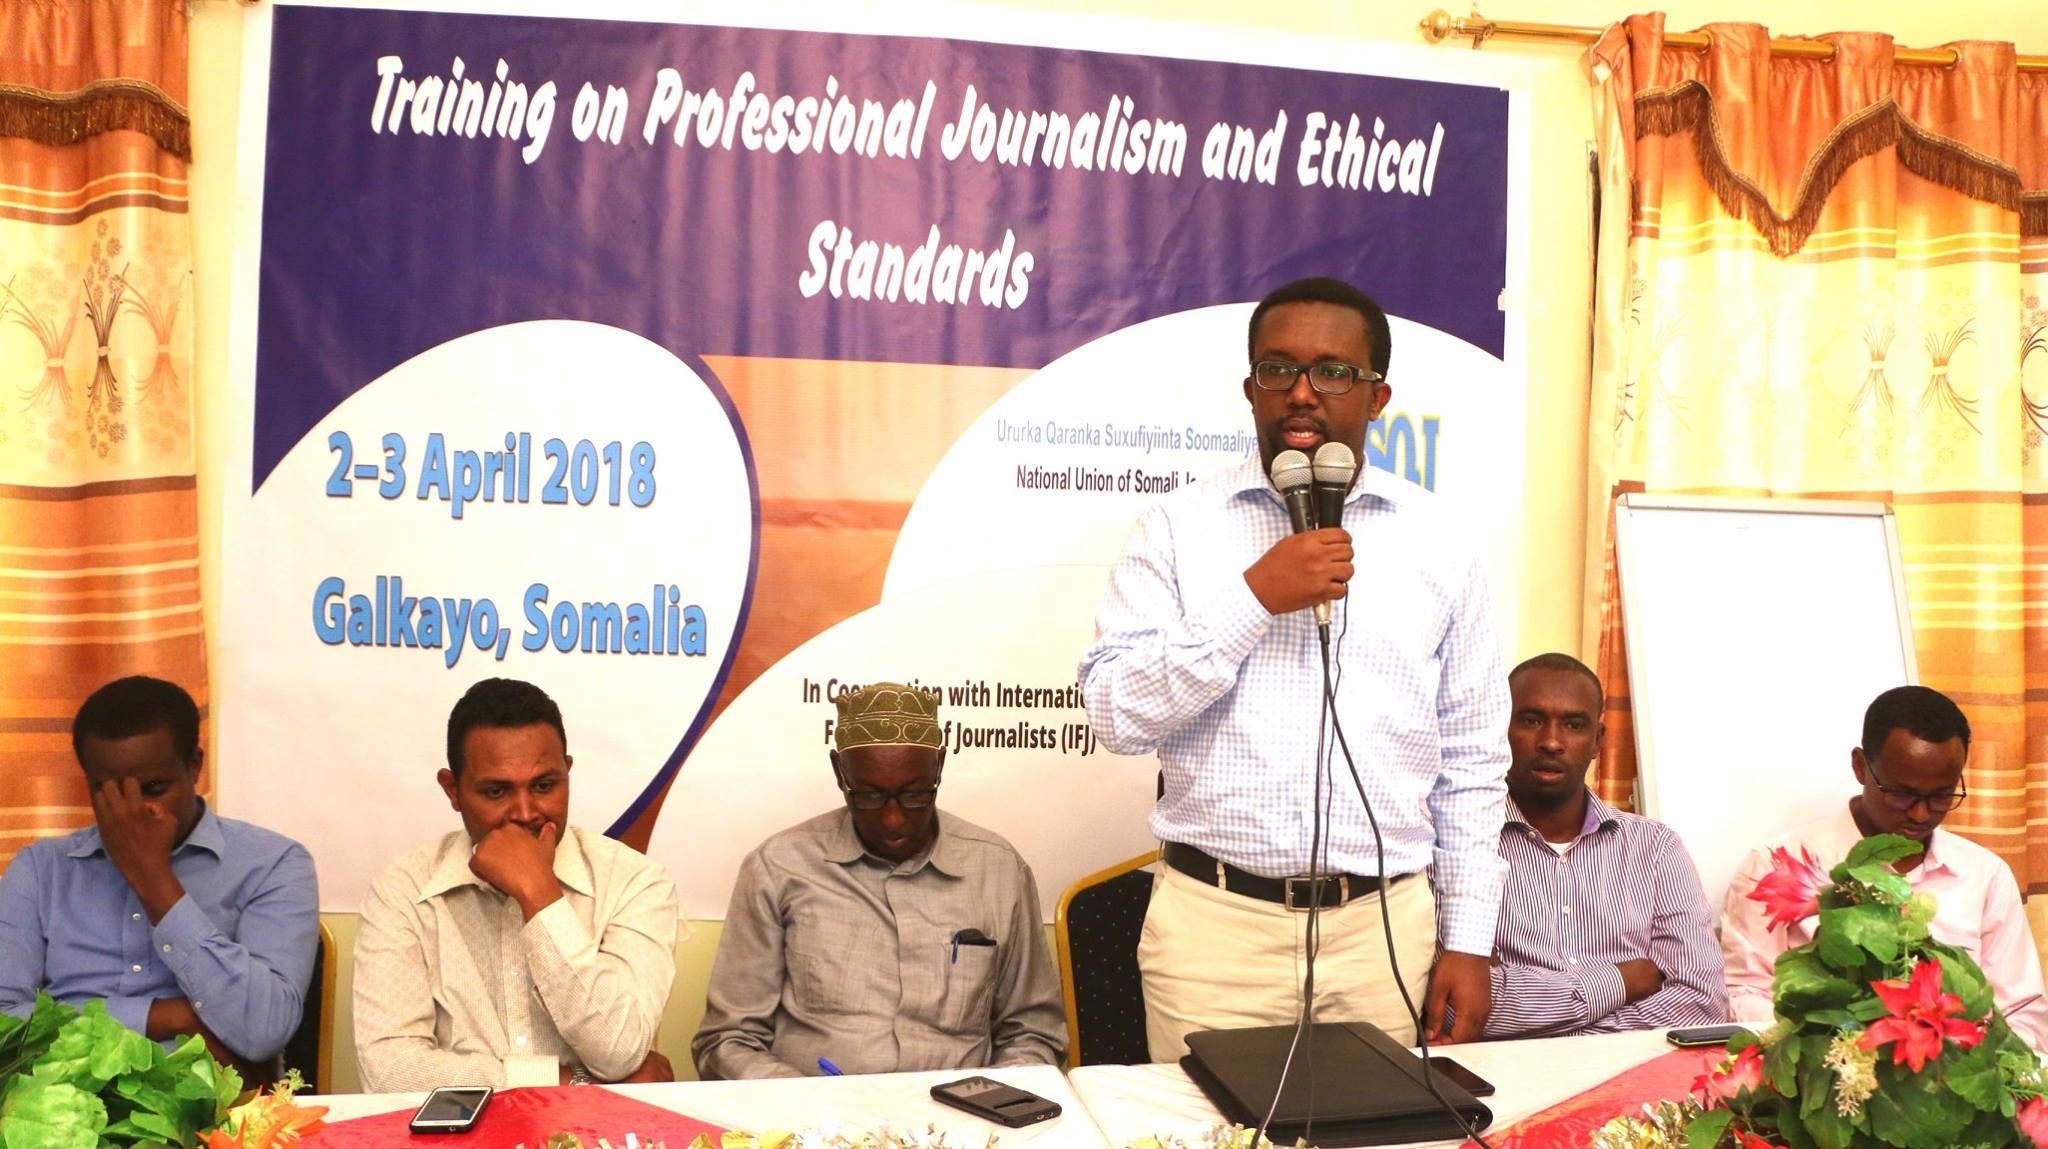 Ururka Saxafiiyinta Somaliyeed ee NUSUJ oo Gaalkacyo Tababar ugu qabatay 30 Wariye (dhegayso/Sawiro)